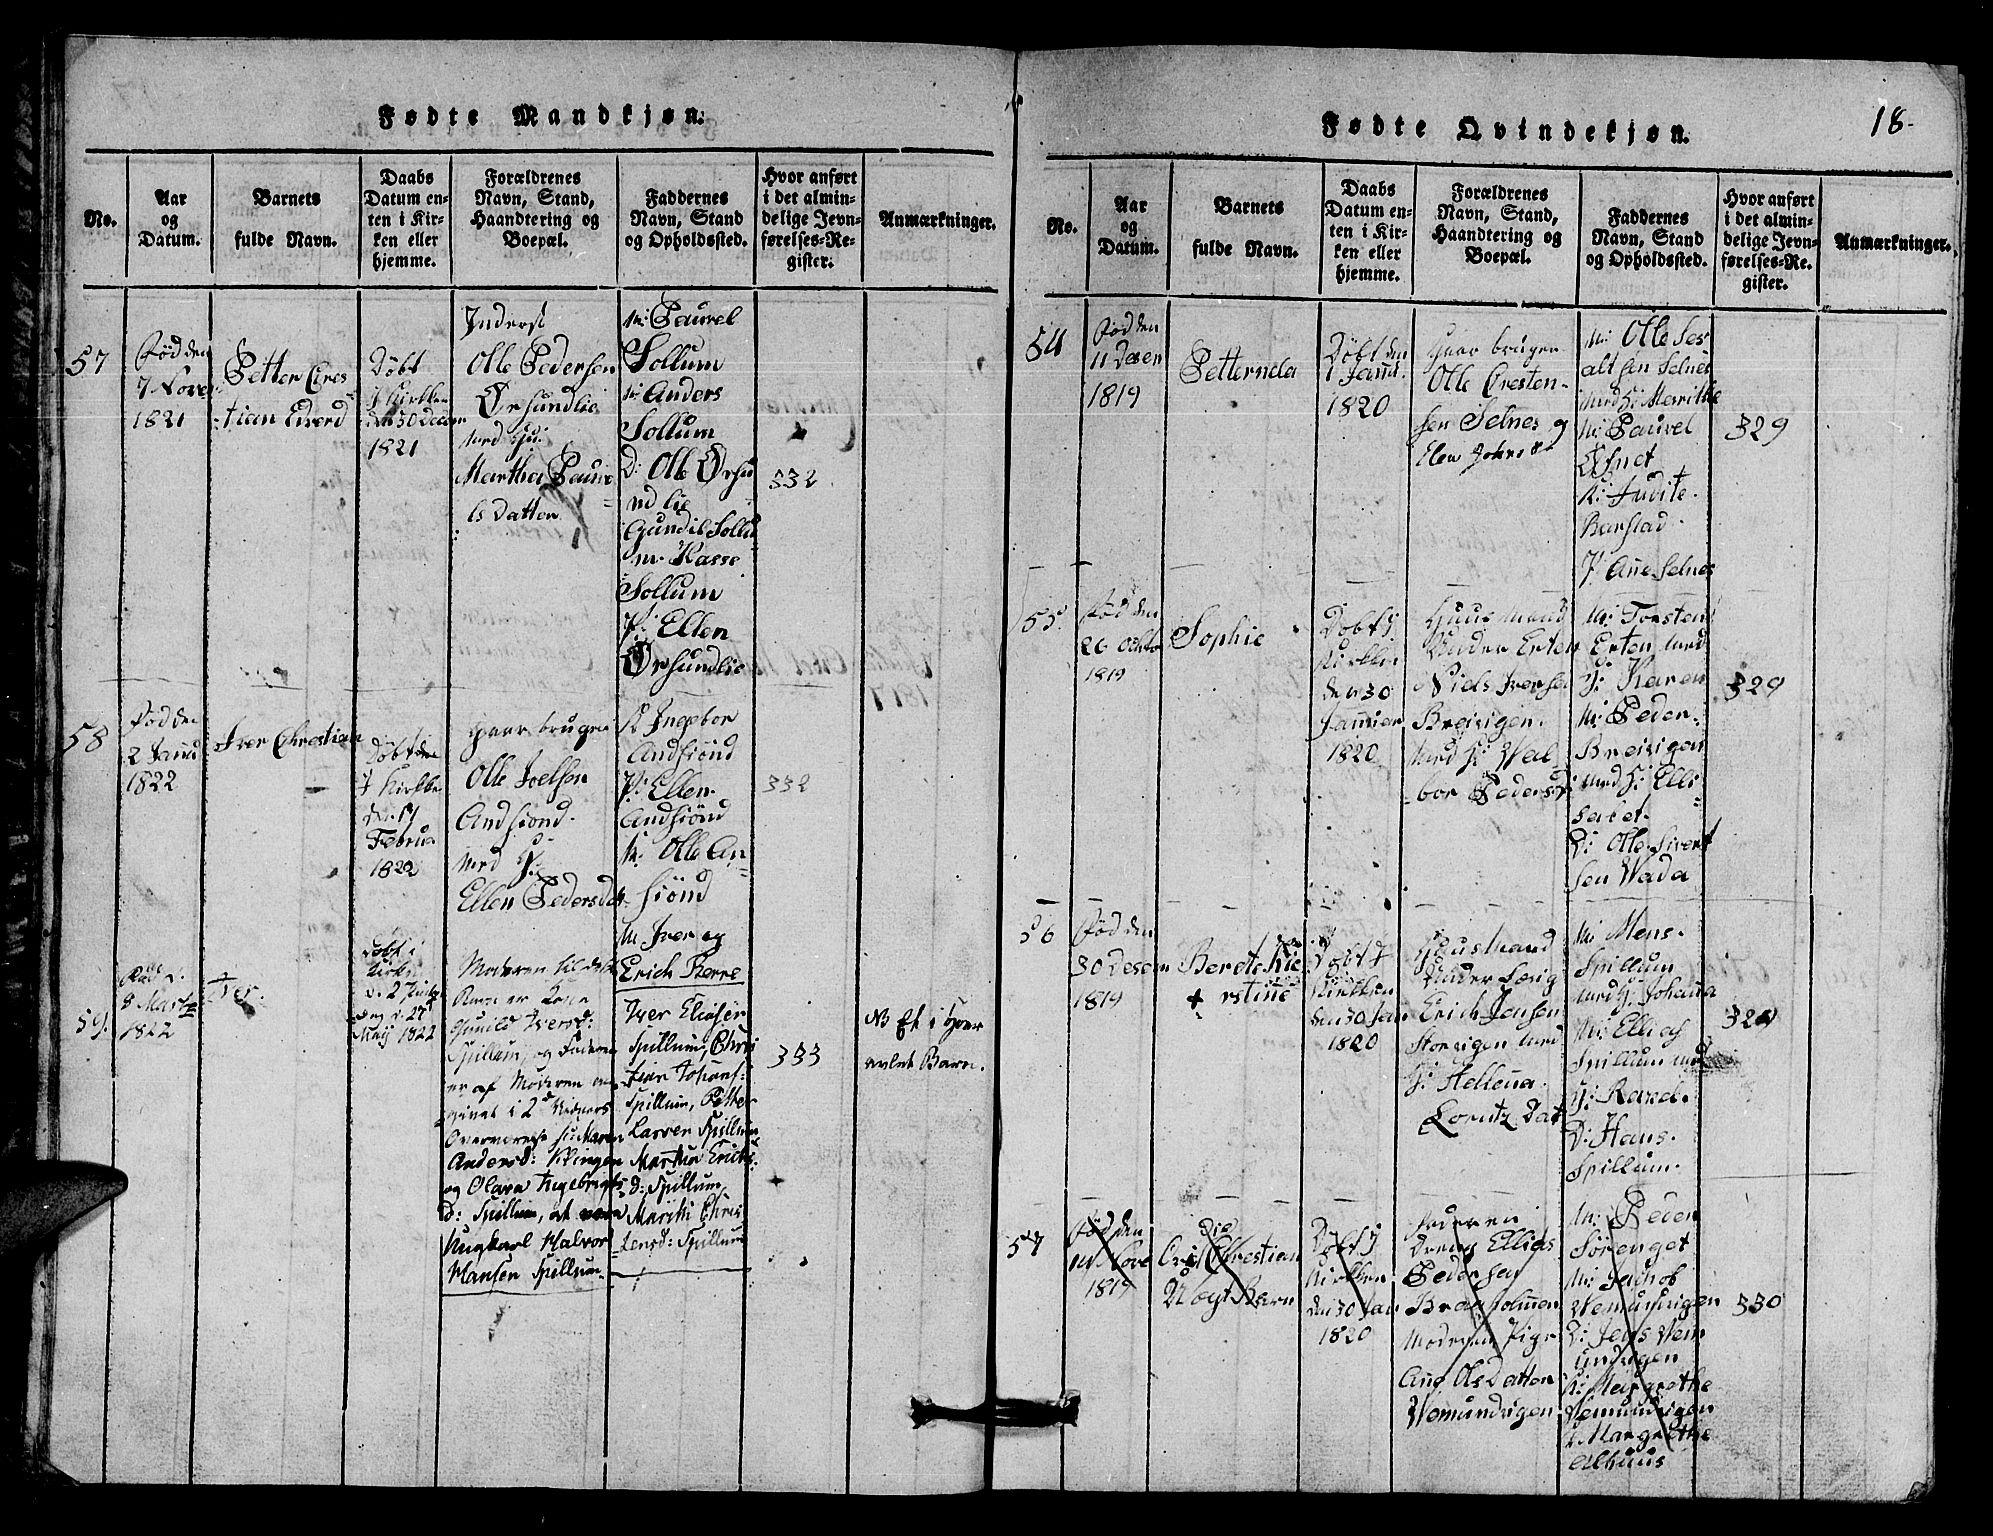 SAT, Ministerialprotokoller, klokkerbøker og fødselsregistre - Nord-Trøndelag, 770/L0590: Klokkerbok nr. 770C01, 1815-1824, s. 18